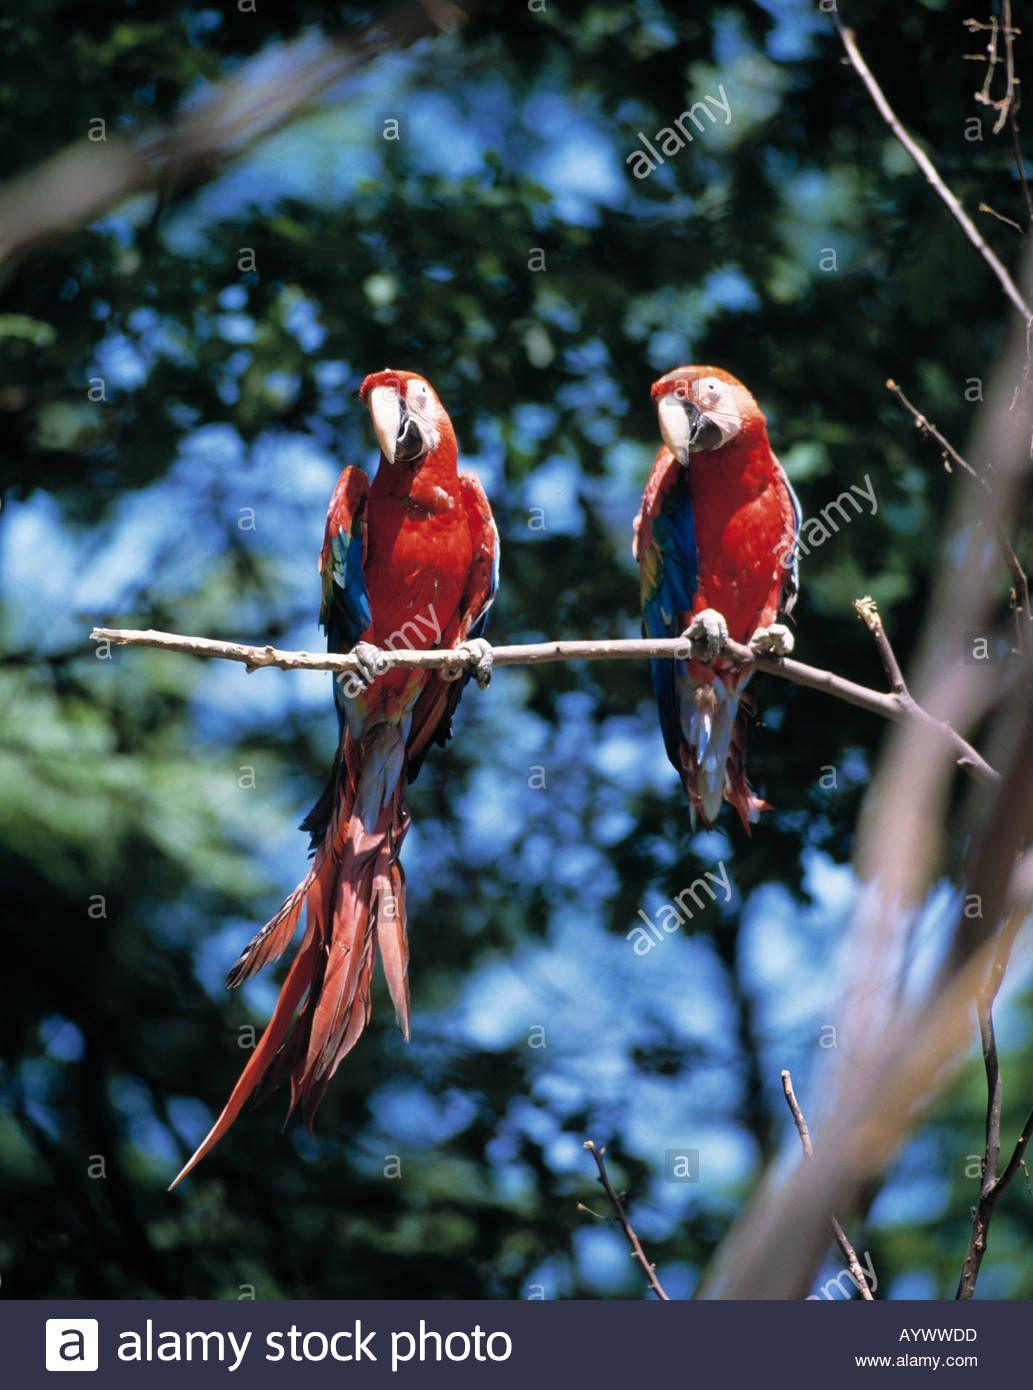 Laden Sie dieses Alamy Stockfoto Ara, zwei Aras in einem Zoo